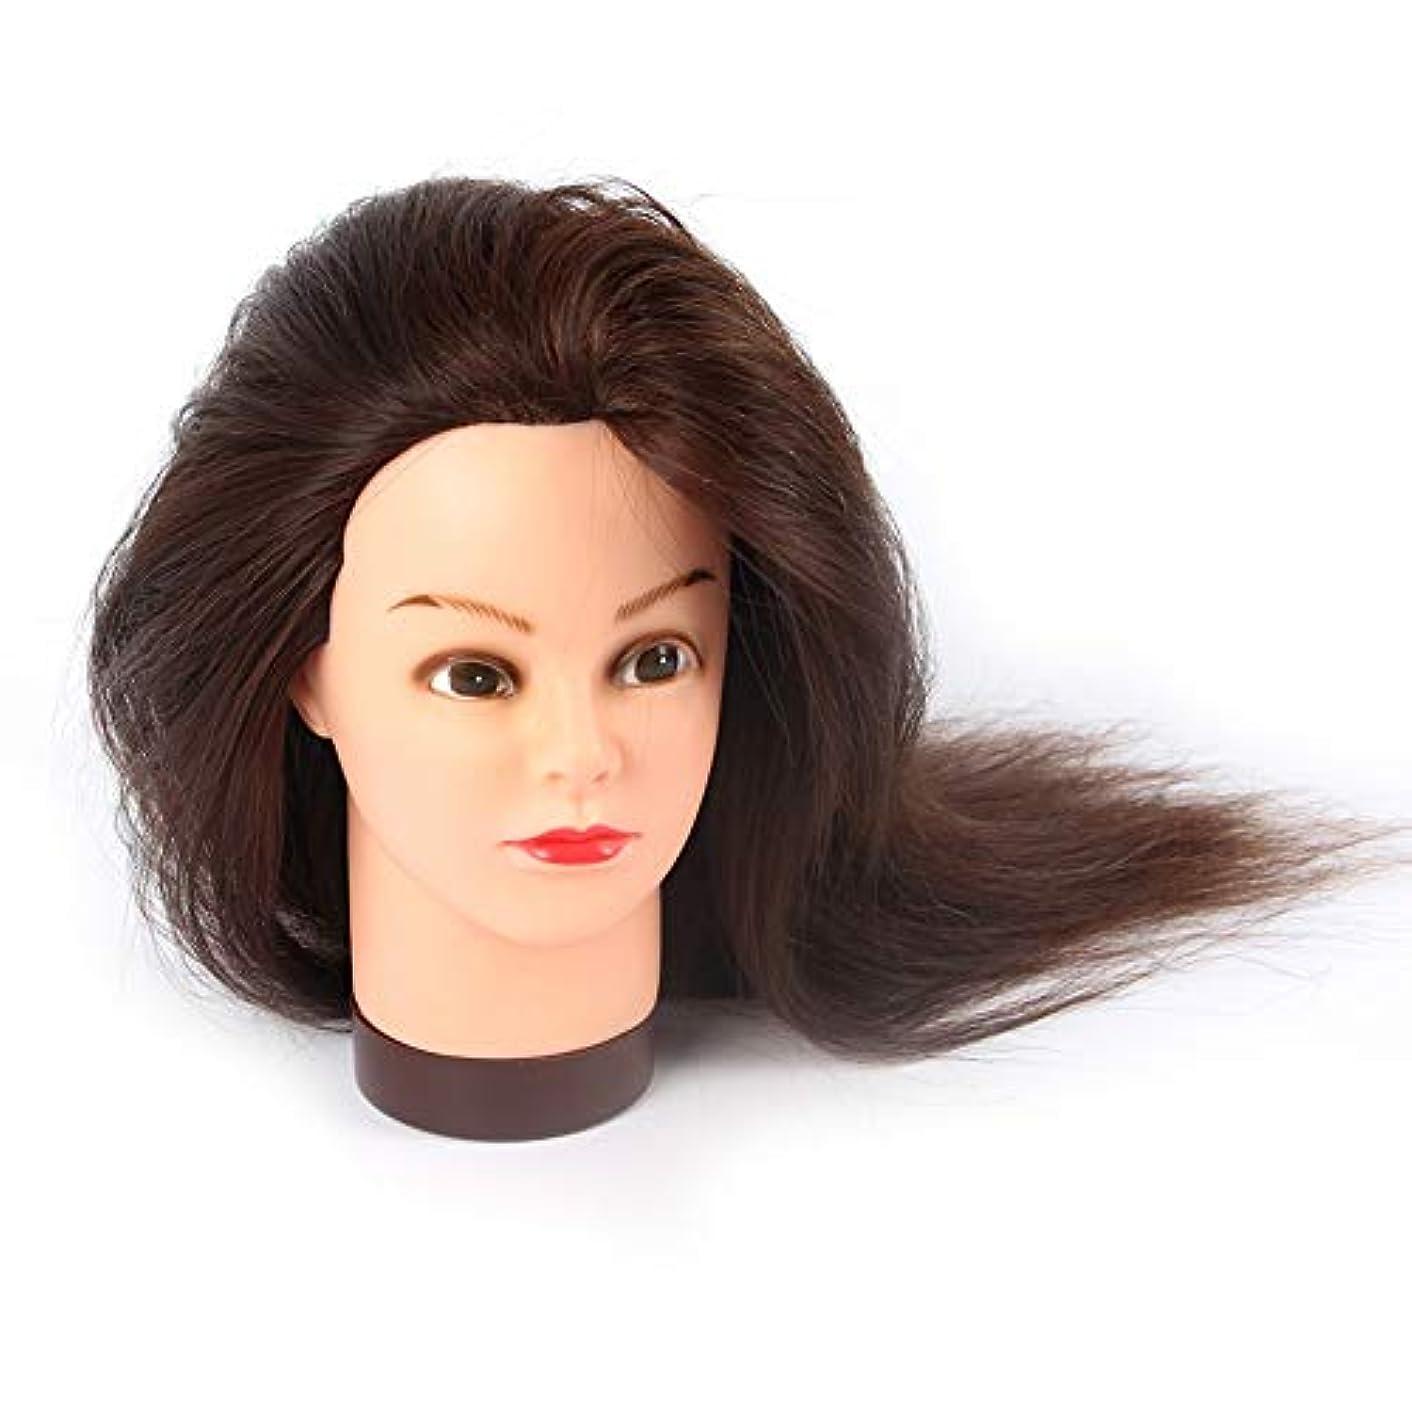 アミューズメント事業内容寓話花嫁メイクモデリング教育ヘッド本物の人物ヘアダミーヘッドモデル理髪店学習パーマ髪染めモデルヘッド